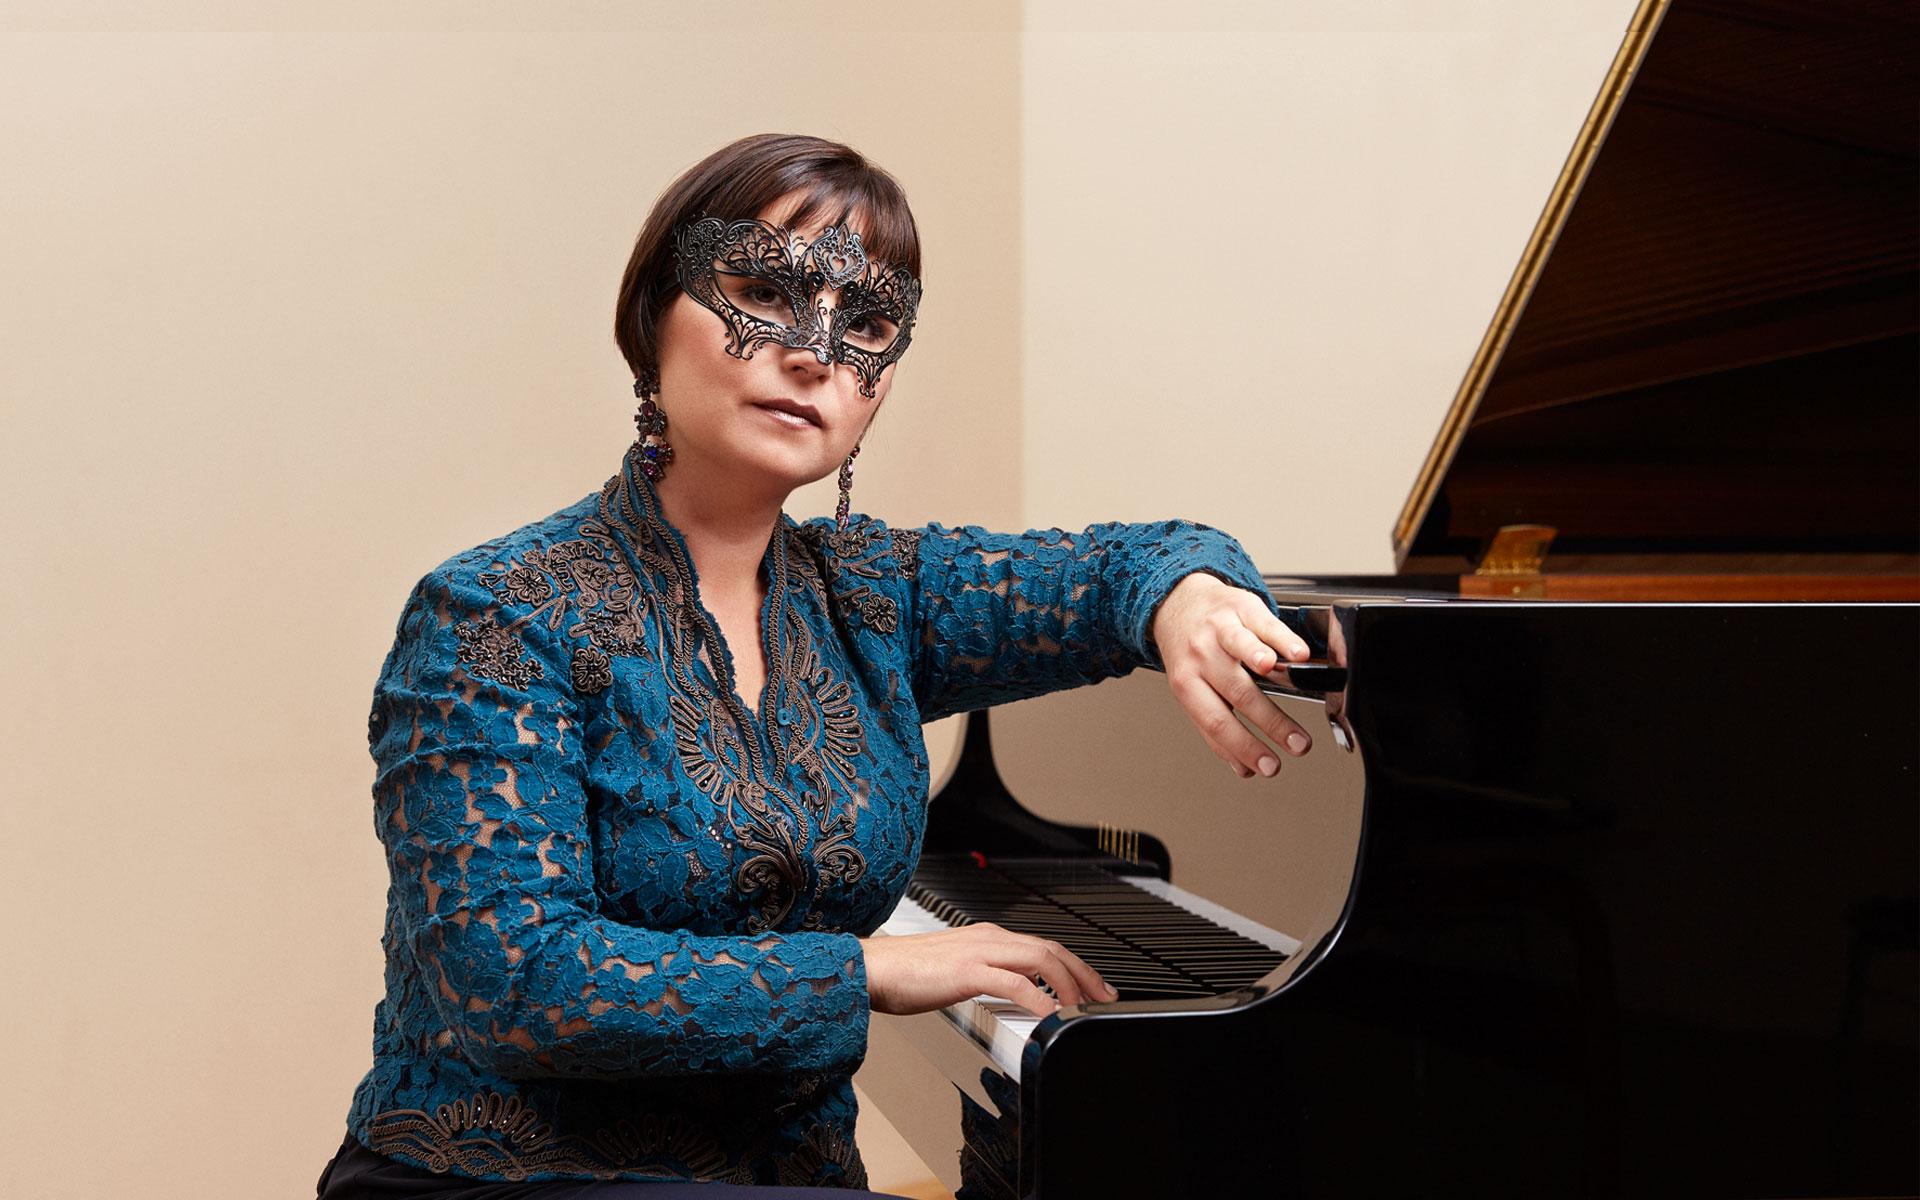 Frau Pavlovic mit Maske am Klavier